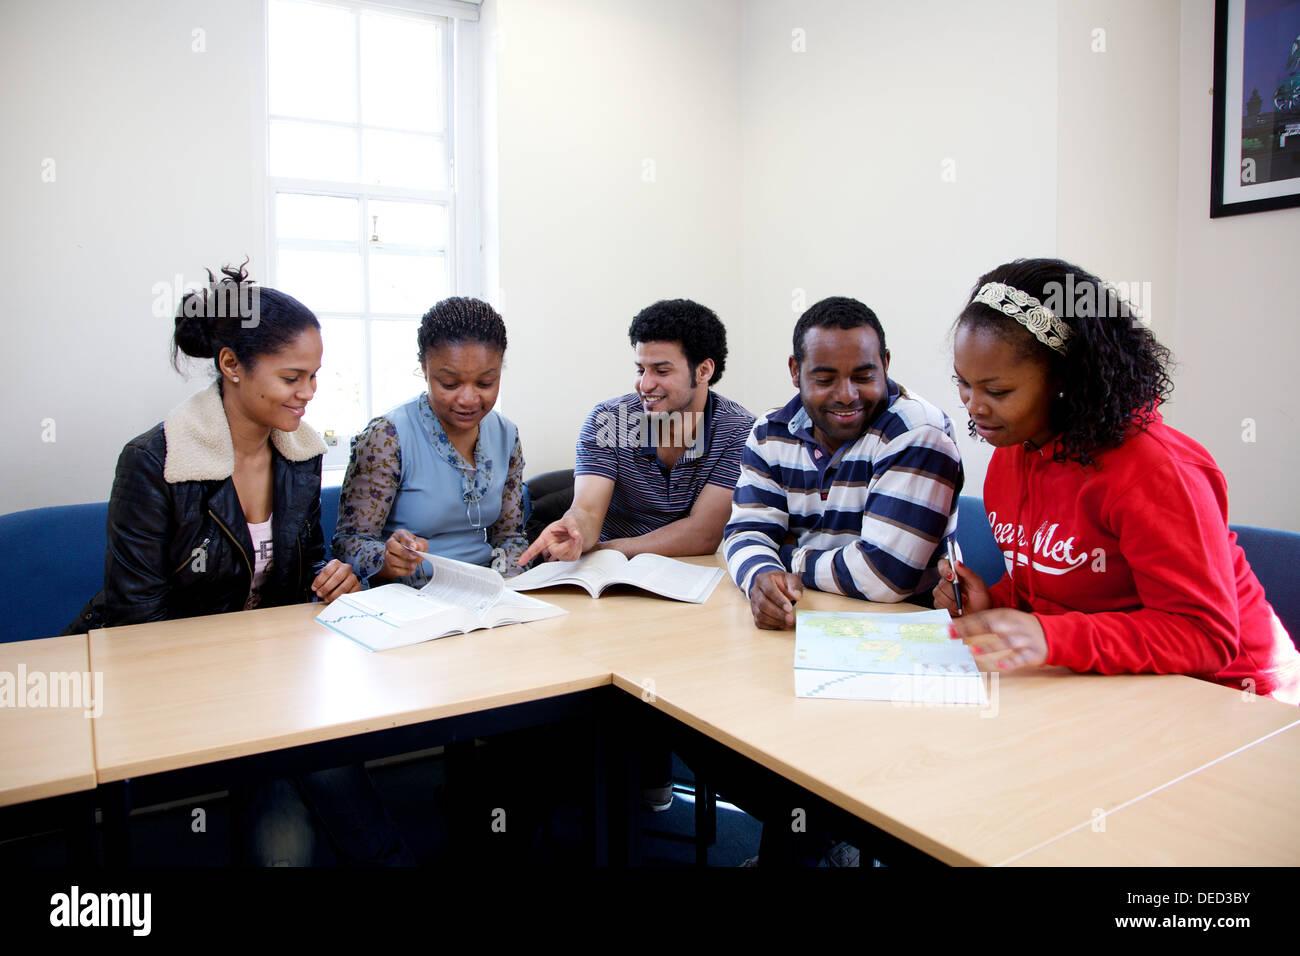 ausländische Studierende im Klassenzimmer Stockbild